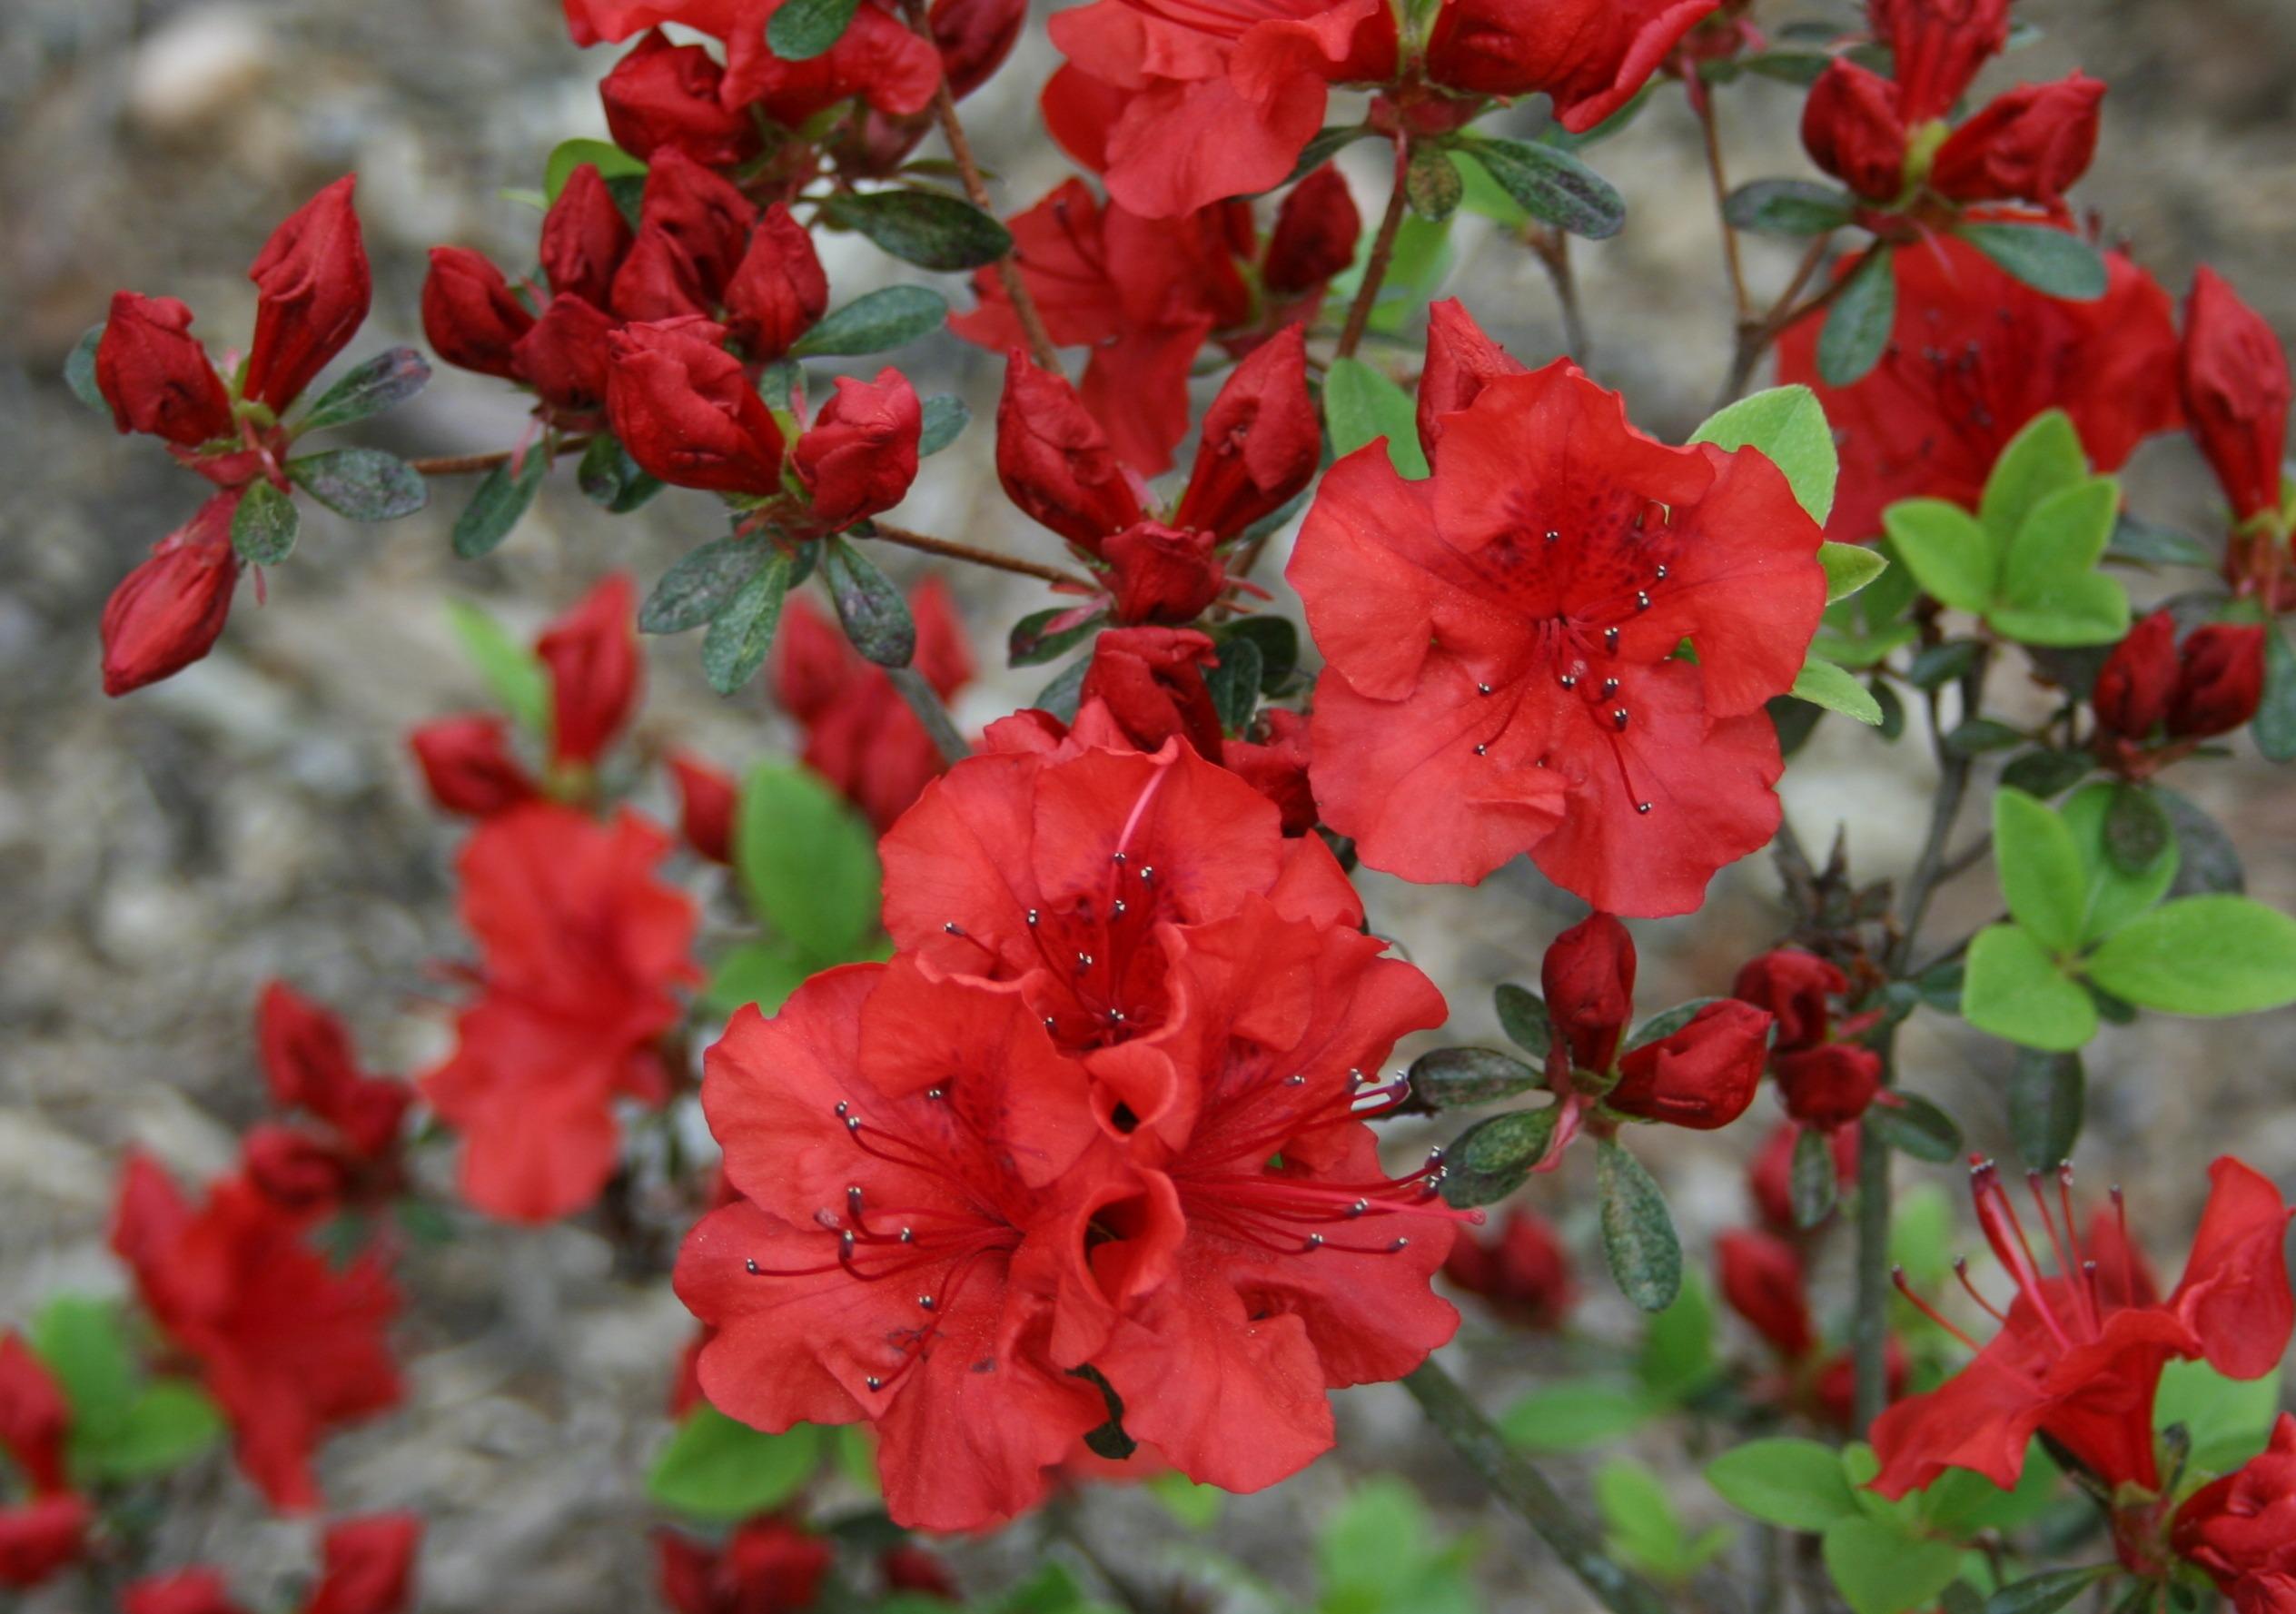 panouissement jardin flore saison en plein air amnagement paysager jardinage arbuste saisonnier rhododendron azale plante fleurs - Planter Un Rhododendron Dans Votre Jardin